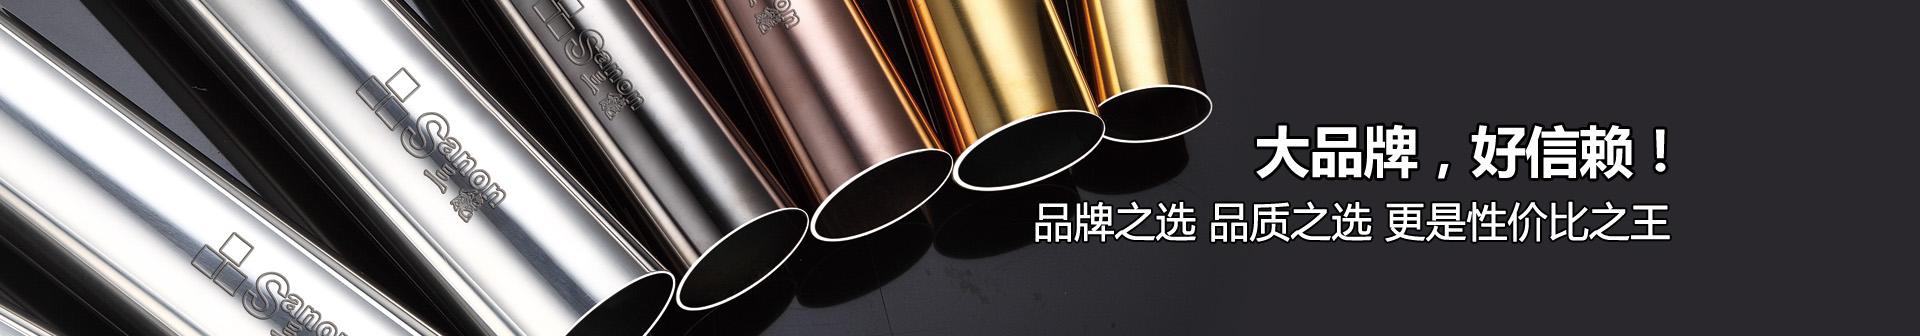 不锈钢异型管